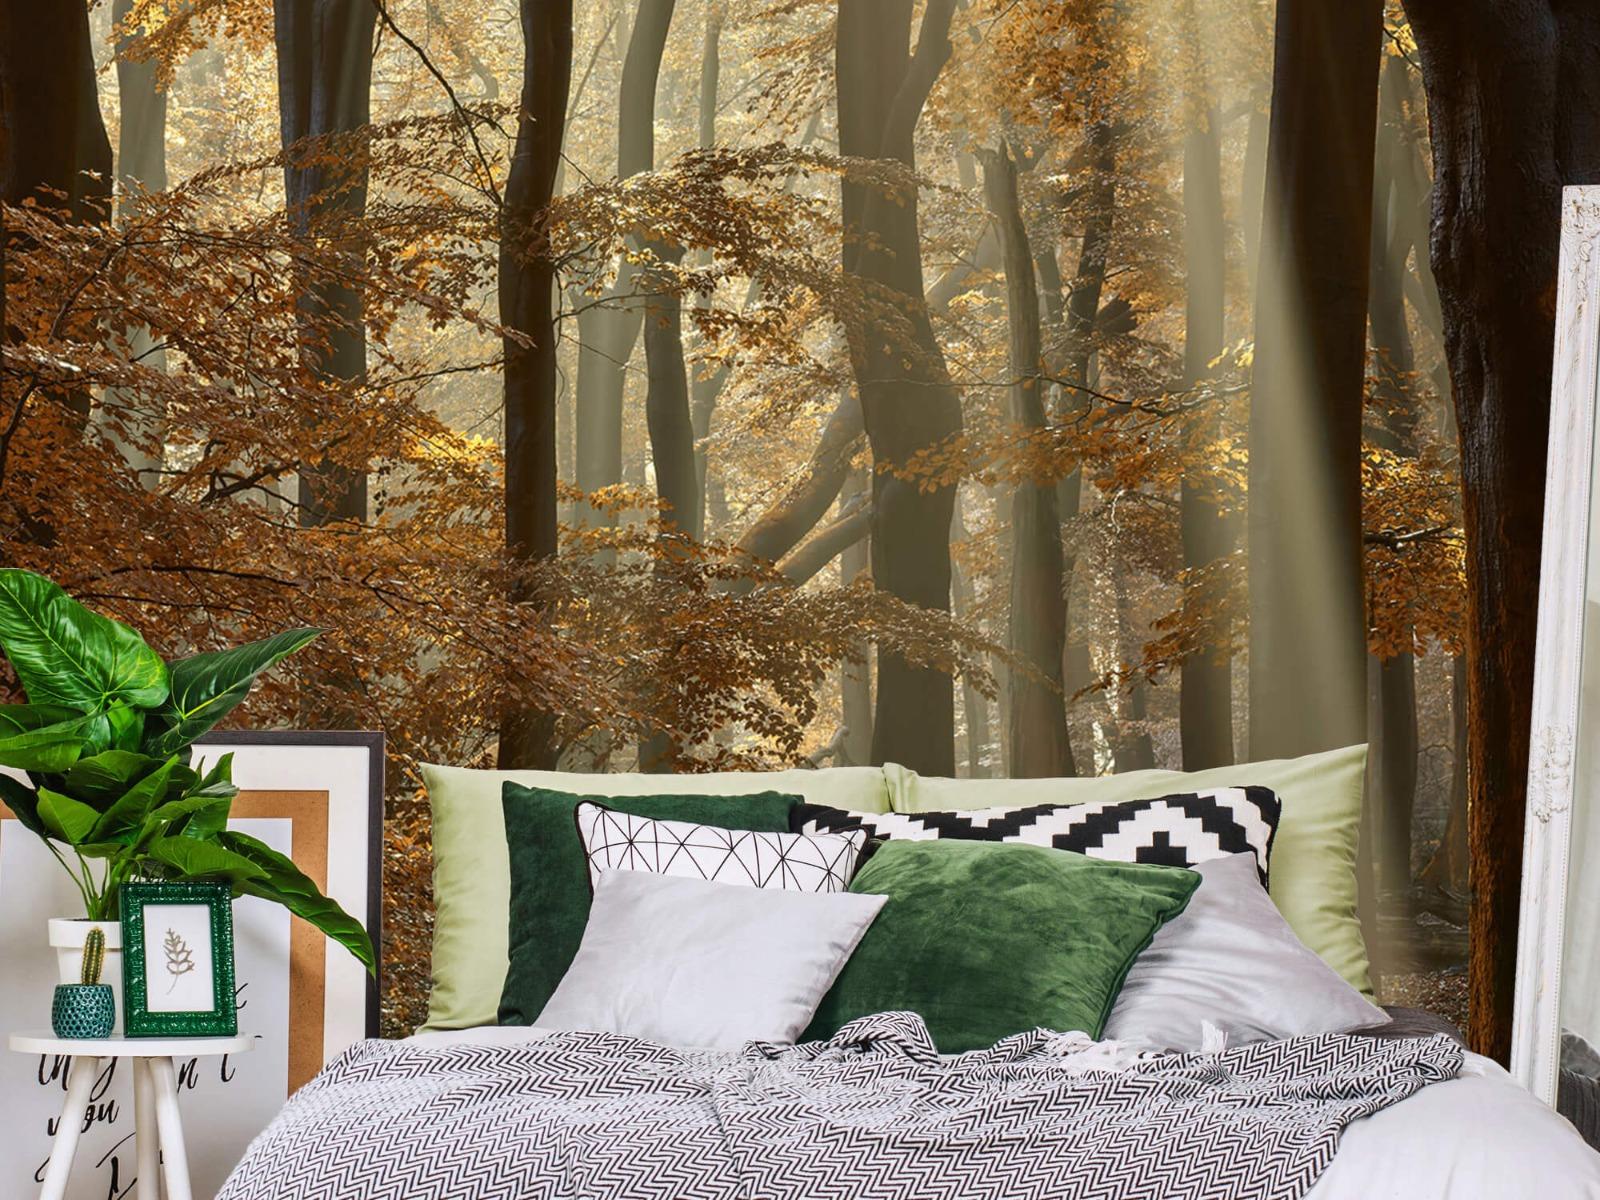 Bos behang - Herfstkleuren in het bos - Slaapkamer 14